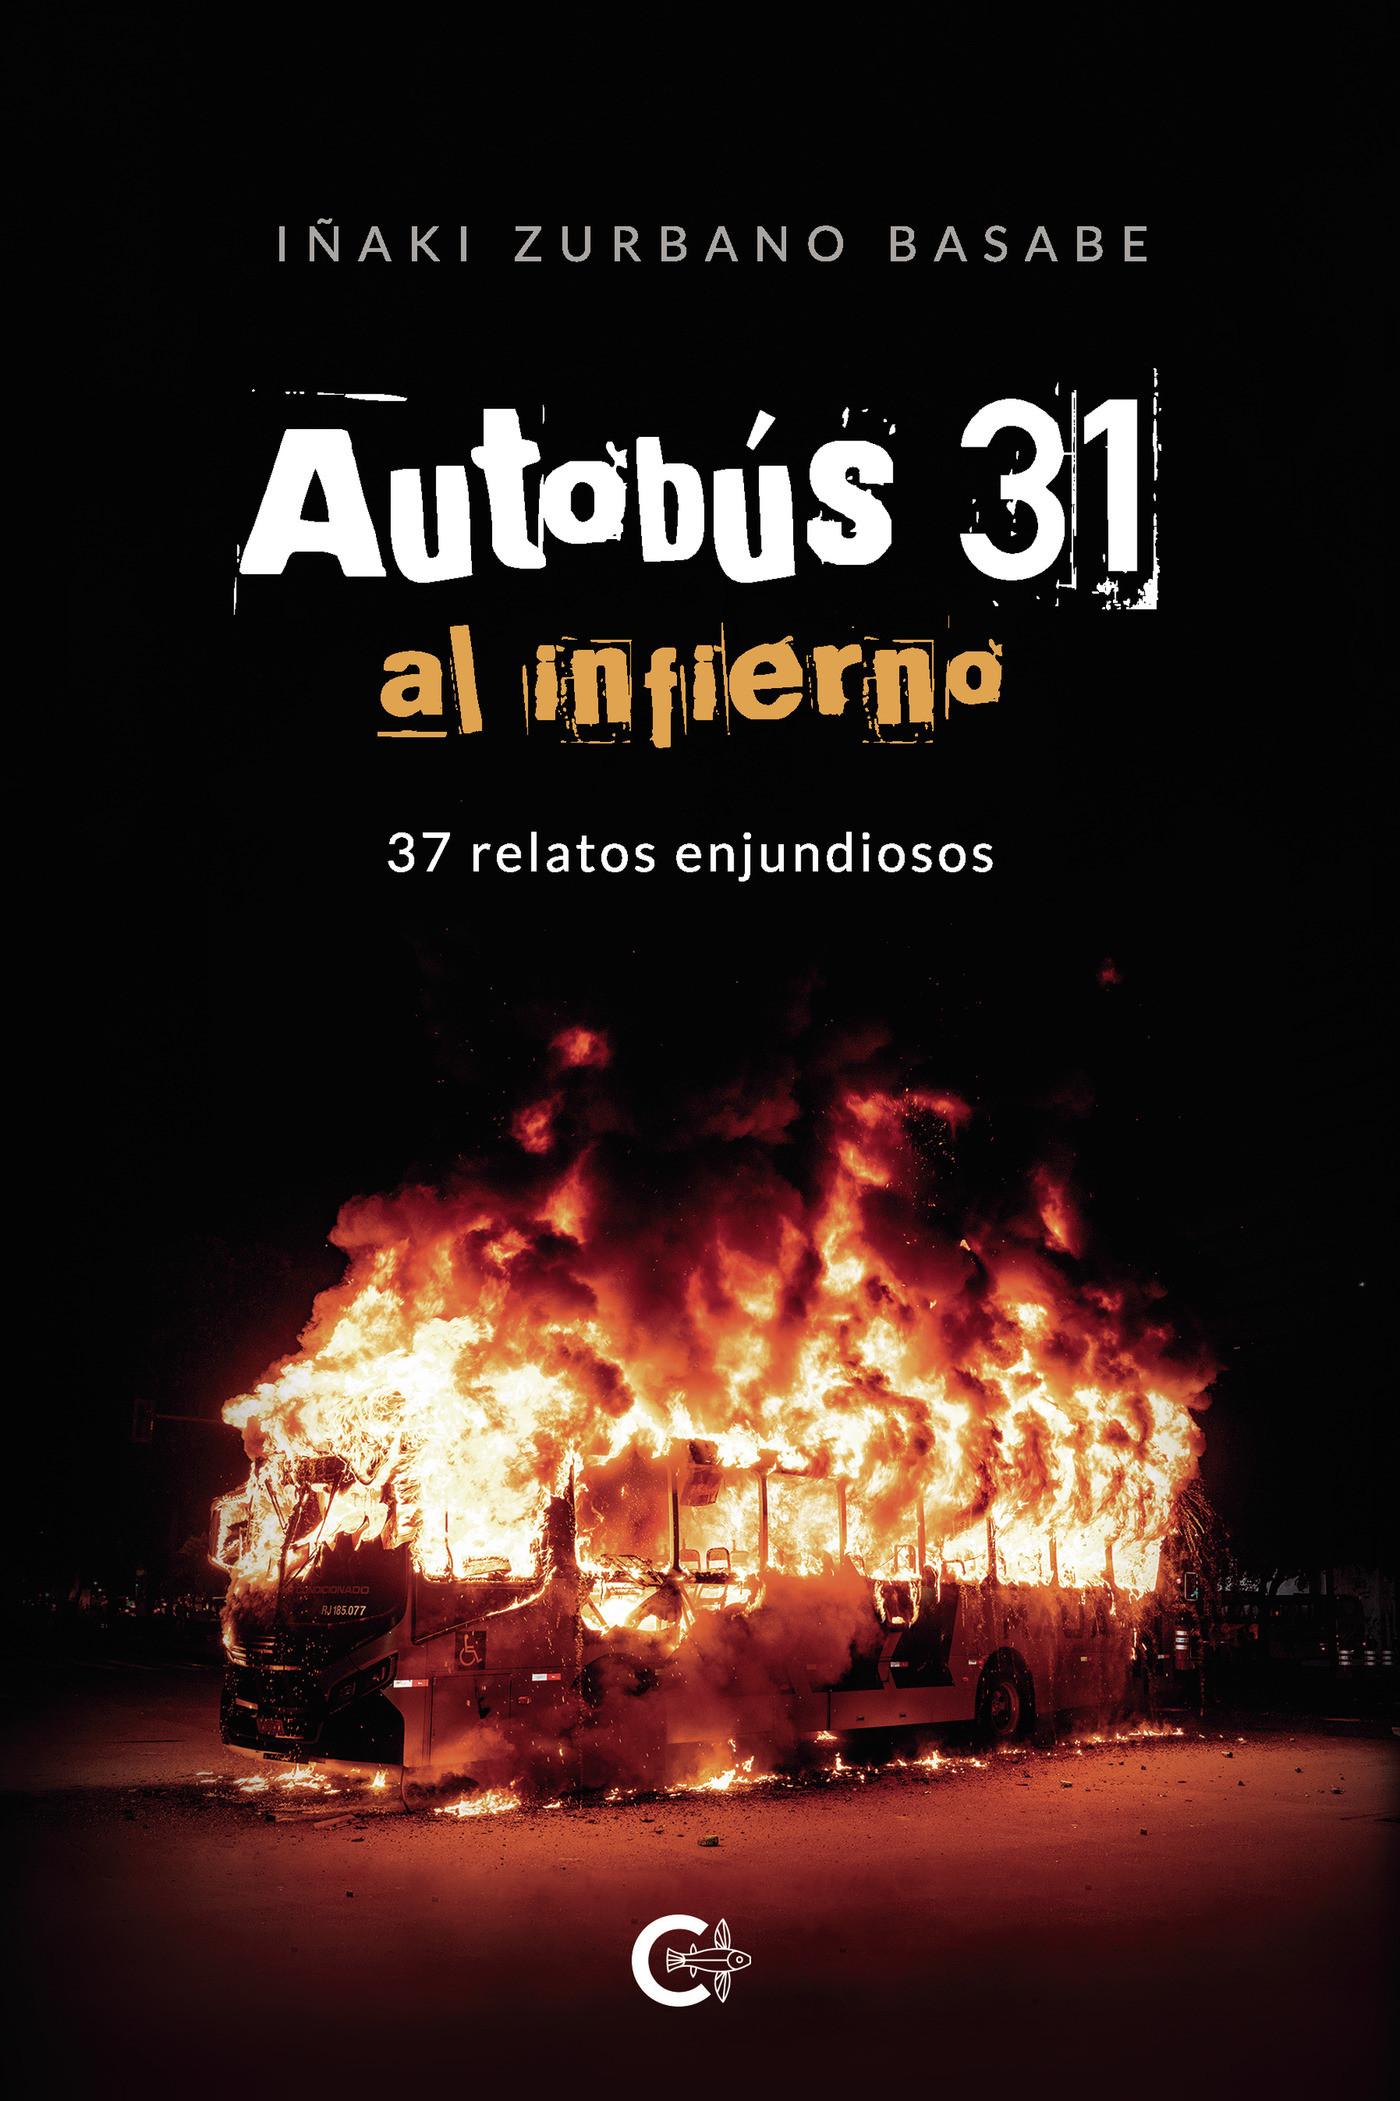 Autobús 31 al infierno